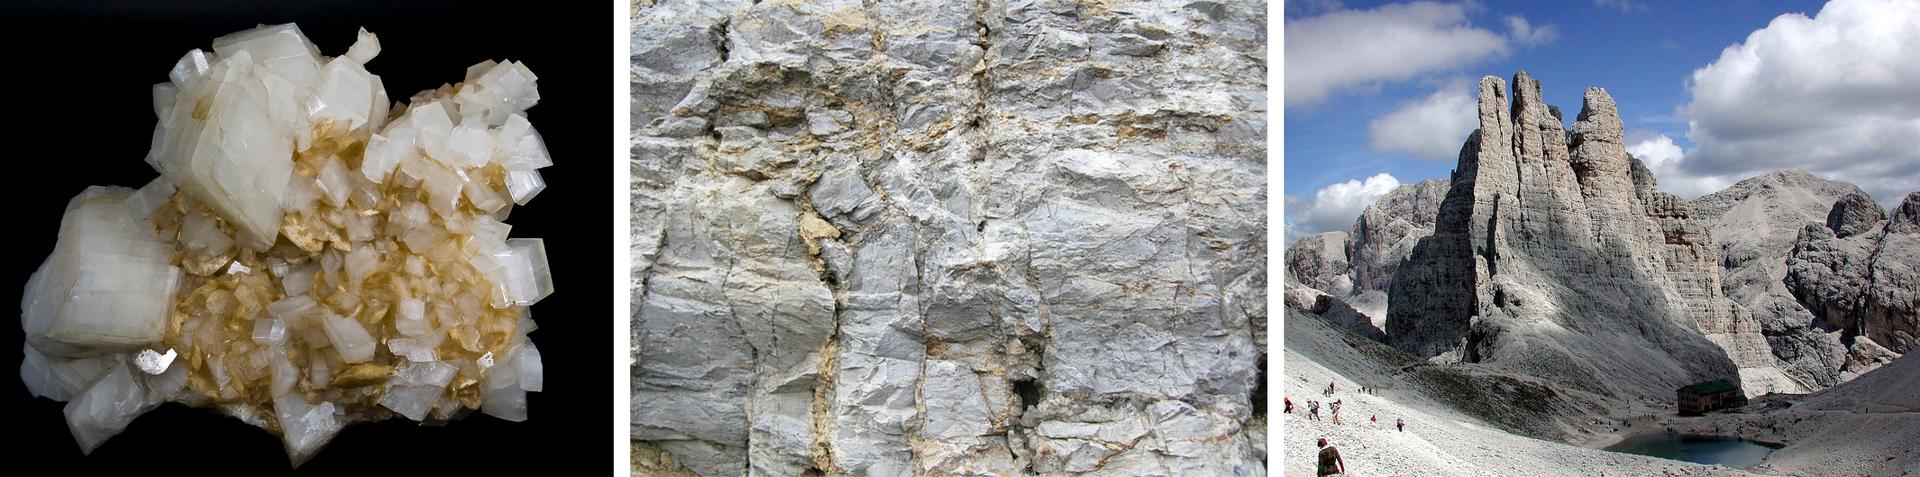 Druga ilustracja wgalerii. Składa się ztrzech sąsiadujących ze sobą zdjęć. Na zdjęciu po lewej stronie minerał składający się zwiększych białych imniejszych żółtawych kryształów okształtach prostopadłościennych isześciennych na czarnym tle. Na zdjęciu środkowym zbliżenie jasnej skały zwidocznymi pęknięciami iżółtymi żyłkami przecinającymi jaśniejsze iwiększe powierzchnie. Zdjęcie zprawej strony przedstawia skalisty, na pozór martwy krajobraz górski na tle pogodnego nieba. Skały są jasnoszare oraz beżowe iwyglądają trochę tak, jakby były przysypane śniegiem. Wdolinie, pomiędzy dwiema górami znajduje się jezioro.